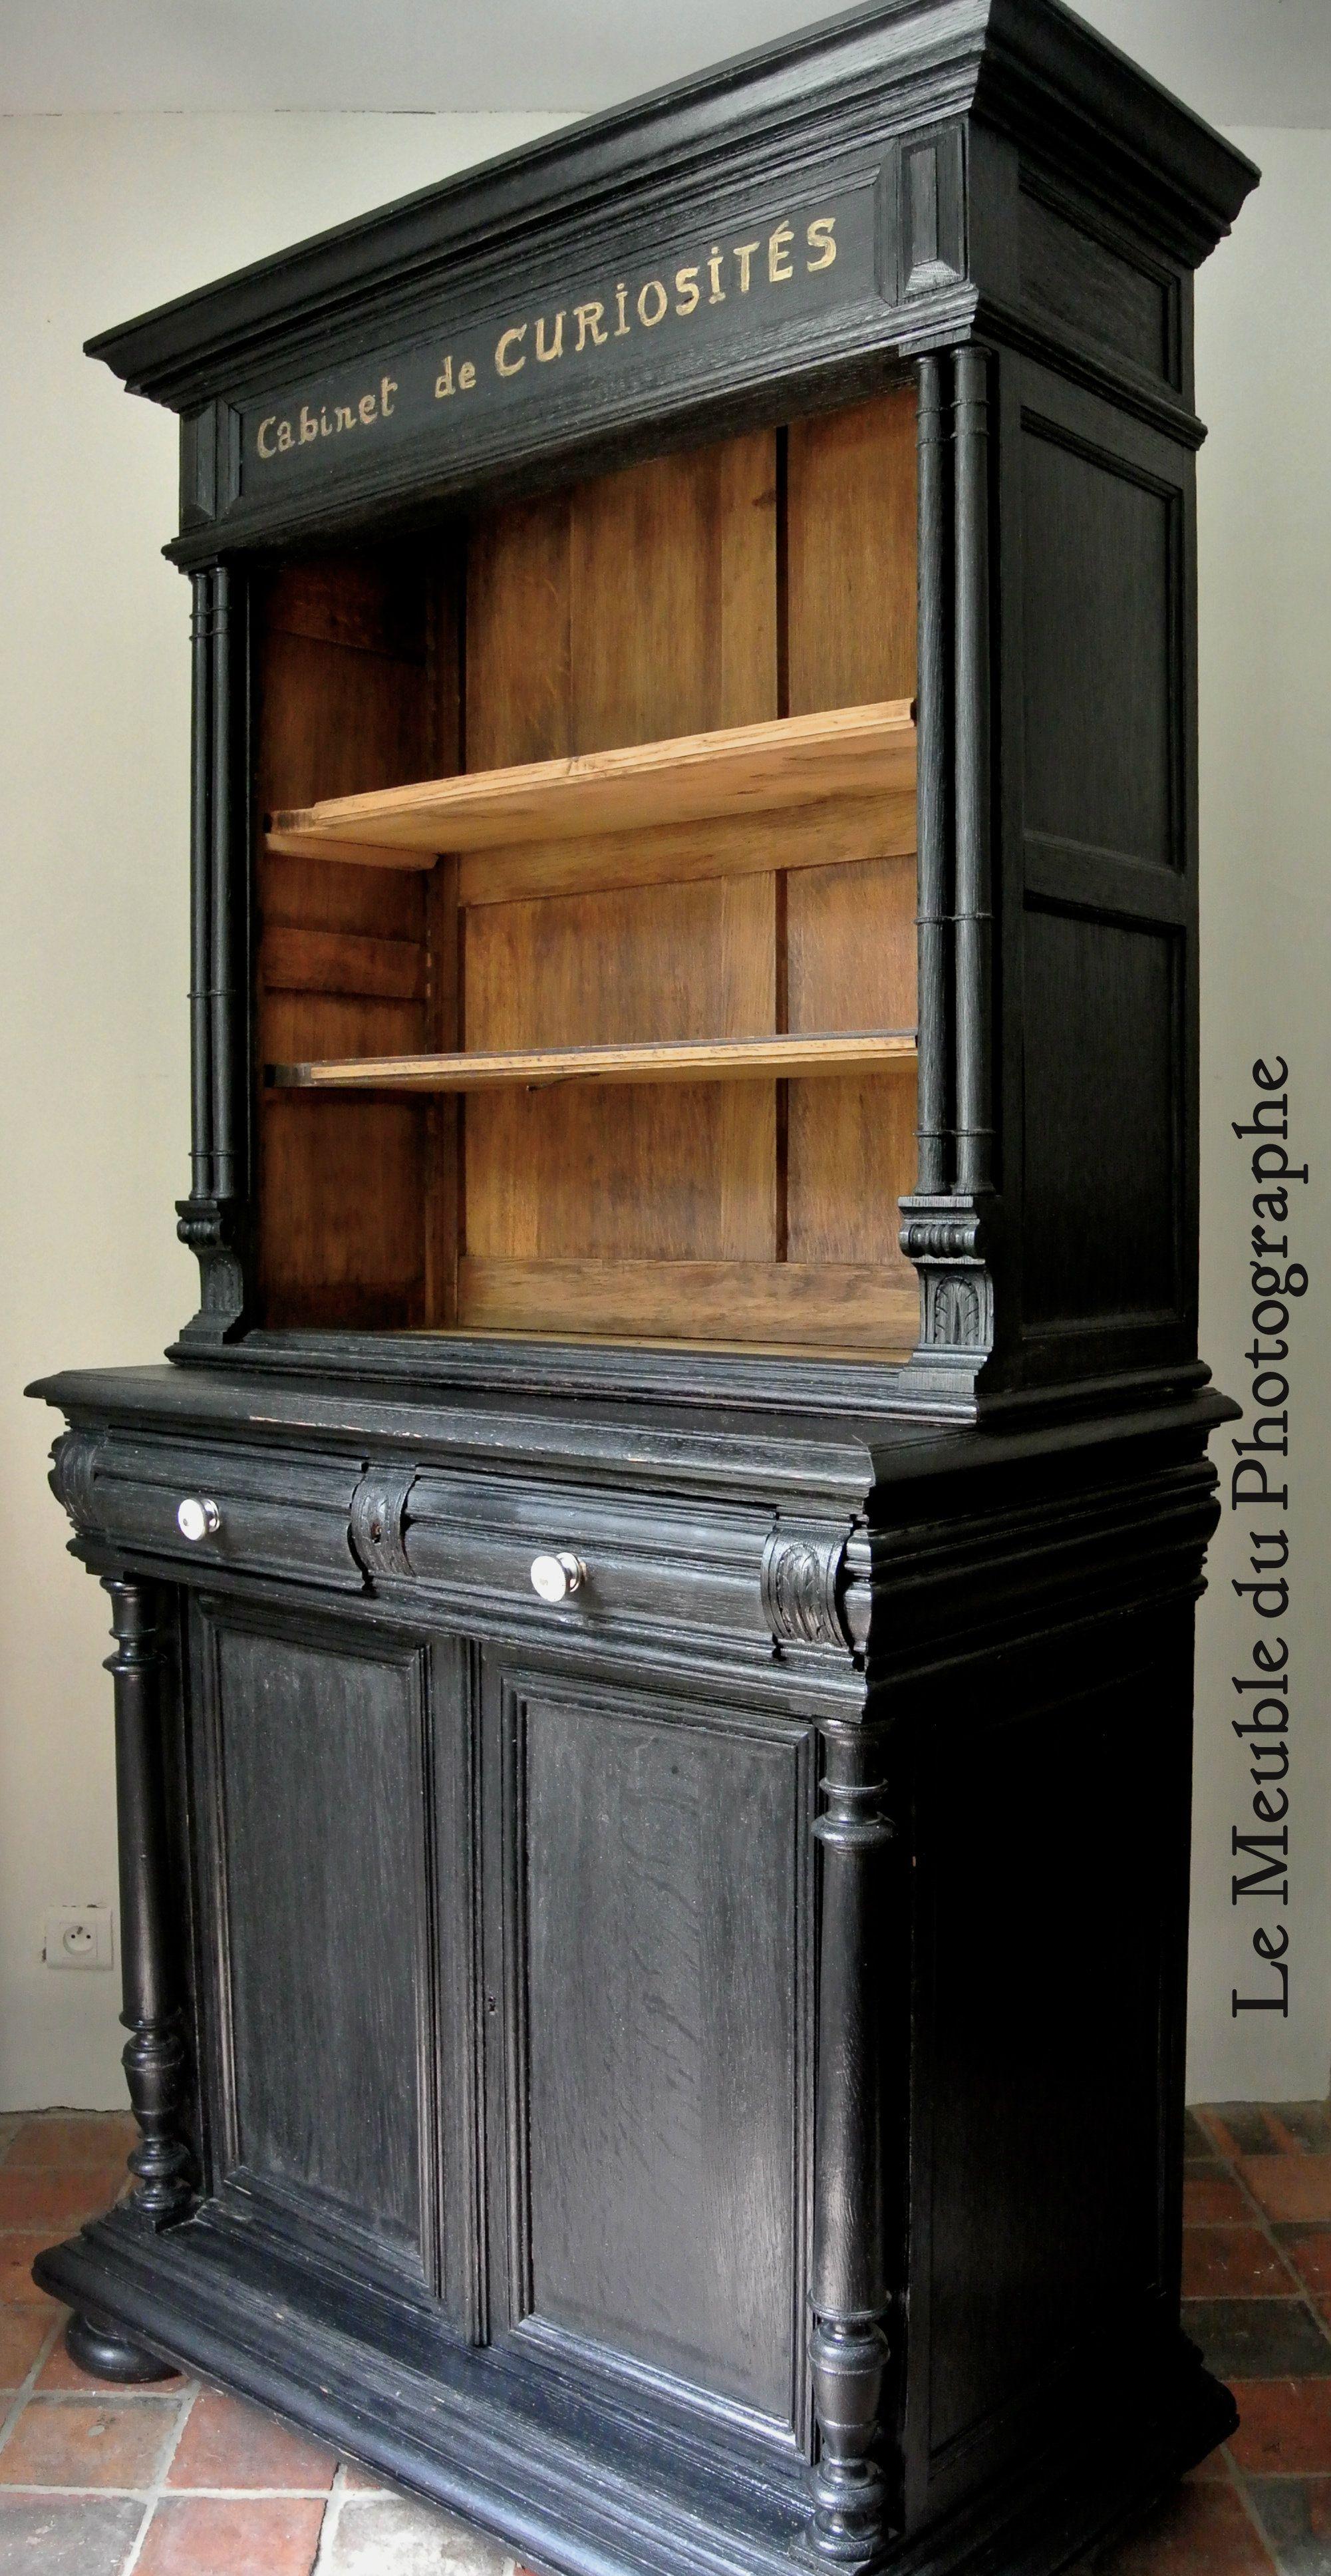 El gant cabinet de curiosit s en bois peint en noir chic avec lettres manuscrites dor es ce - Relooking vieux meubles ...